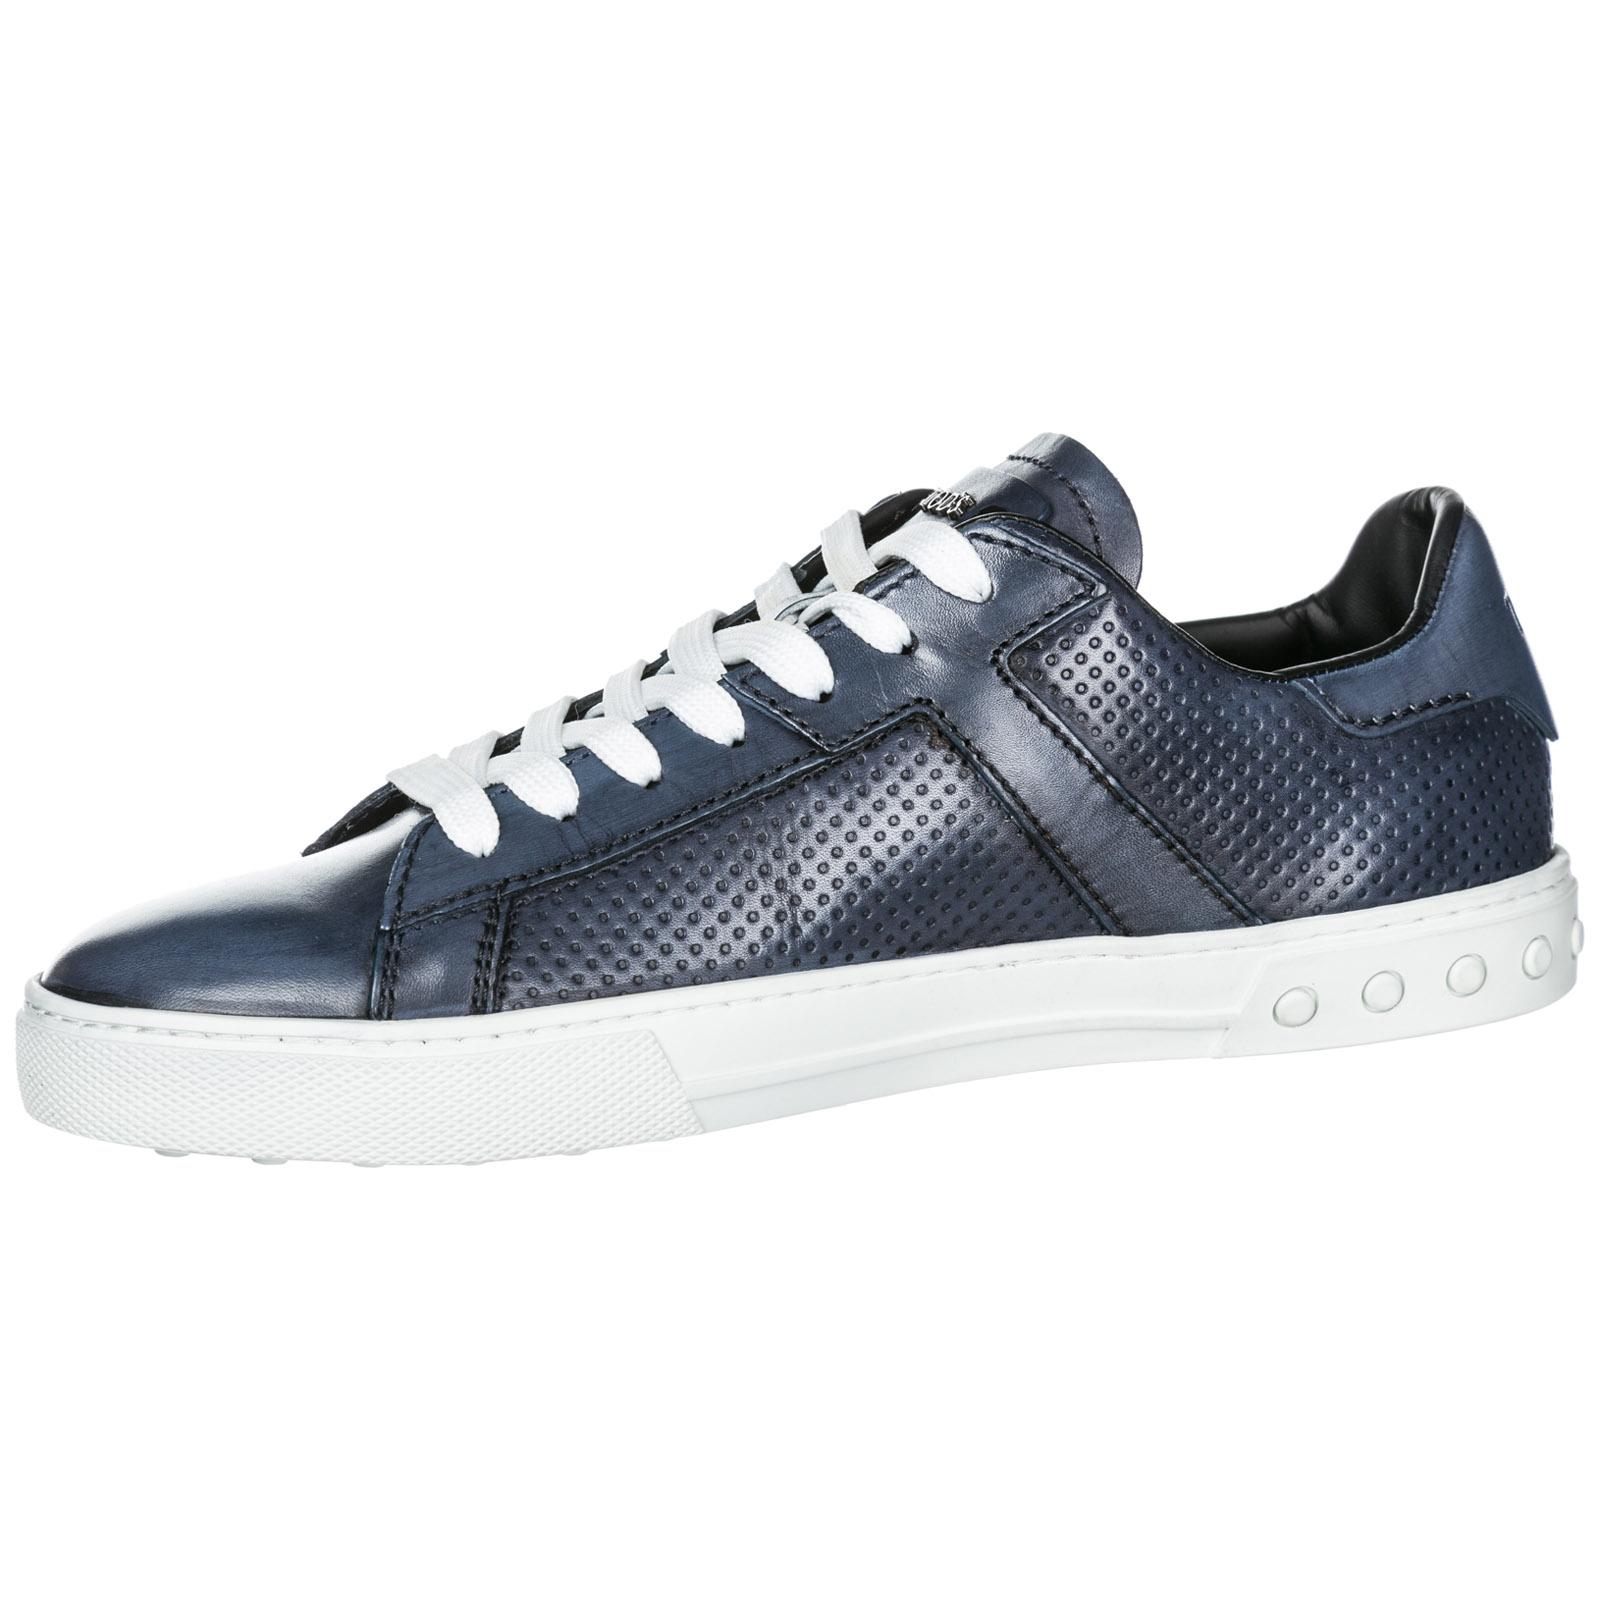 Chaussures baskets sneakers homme en cuir